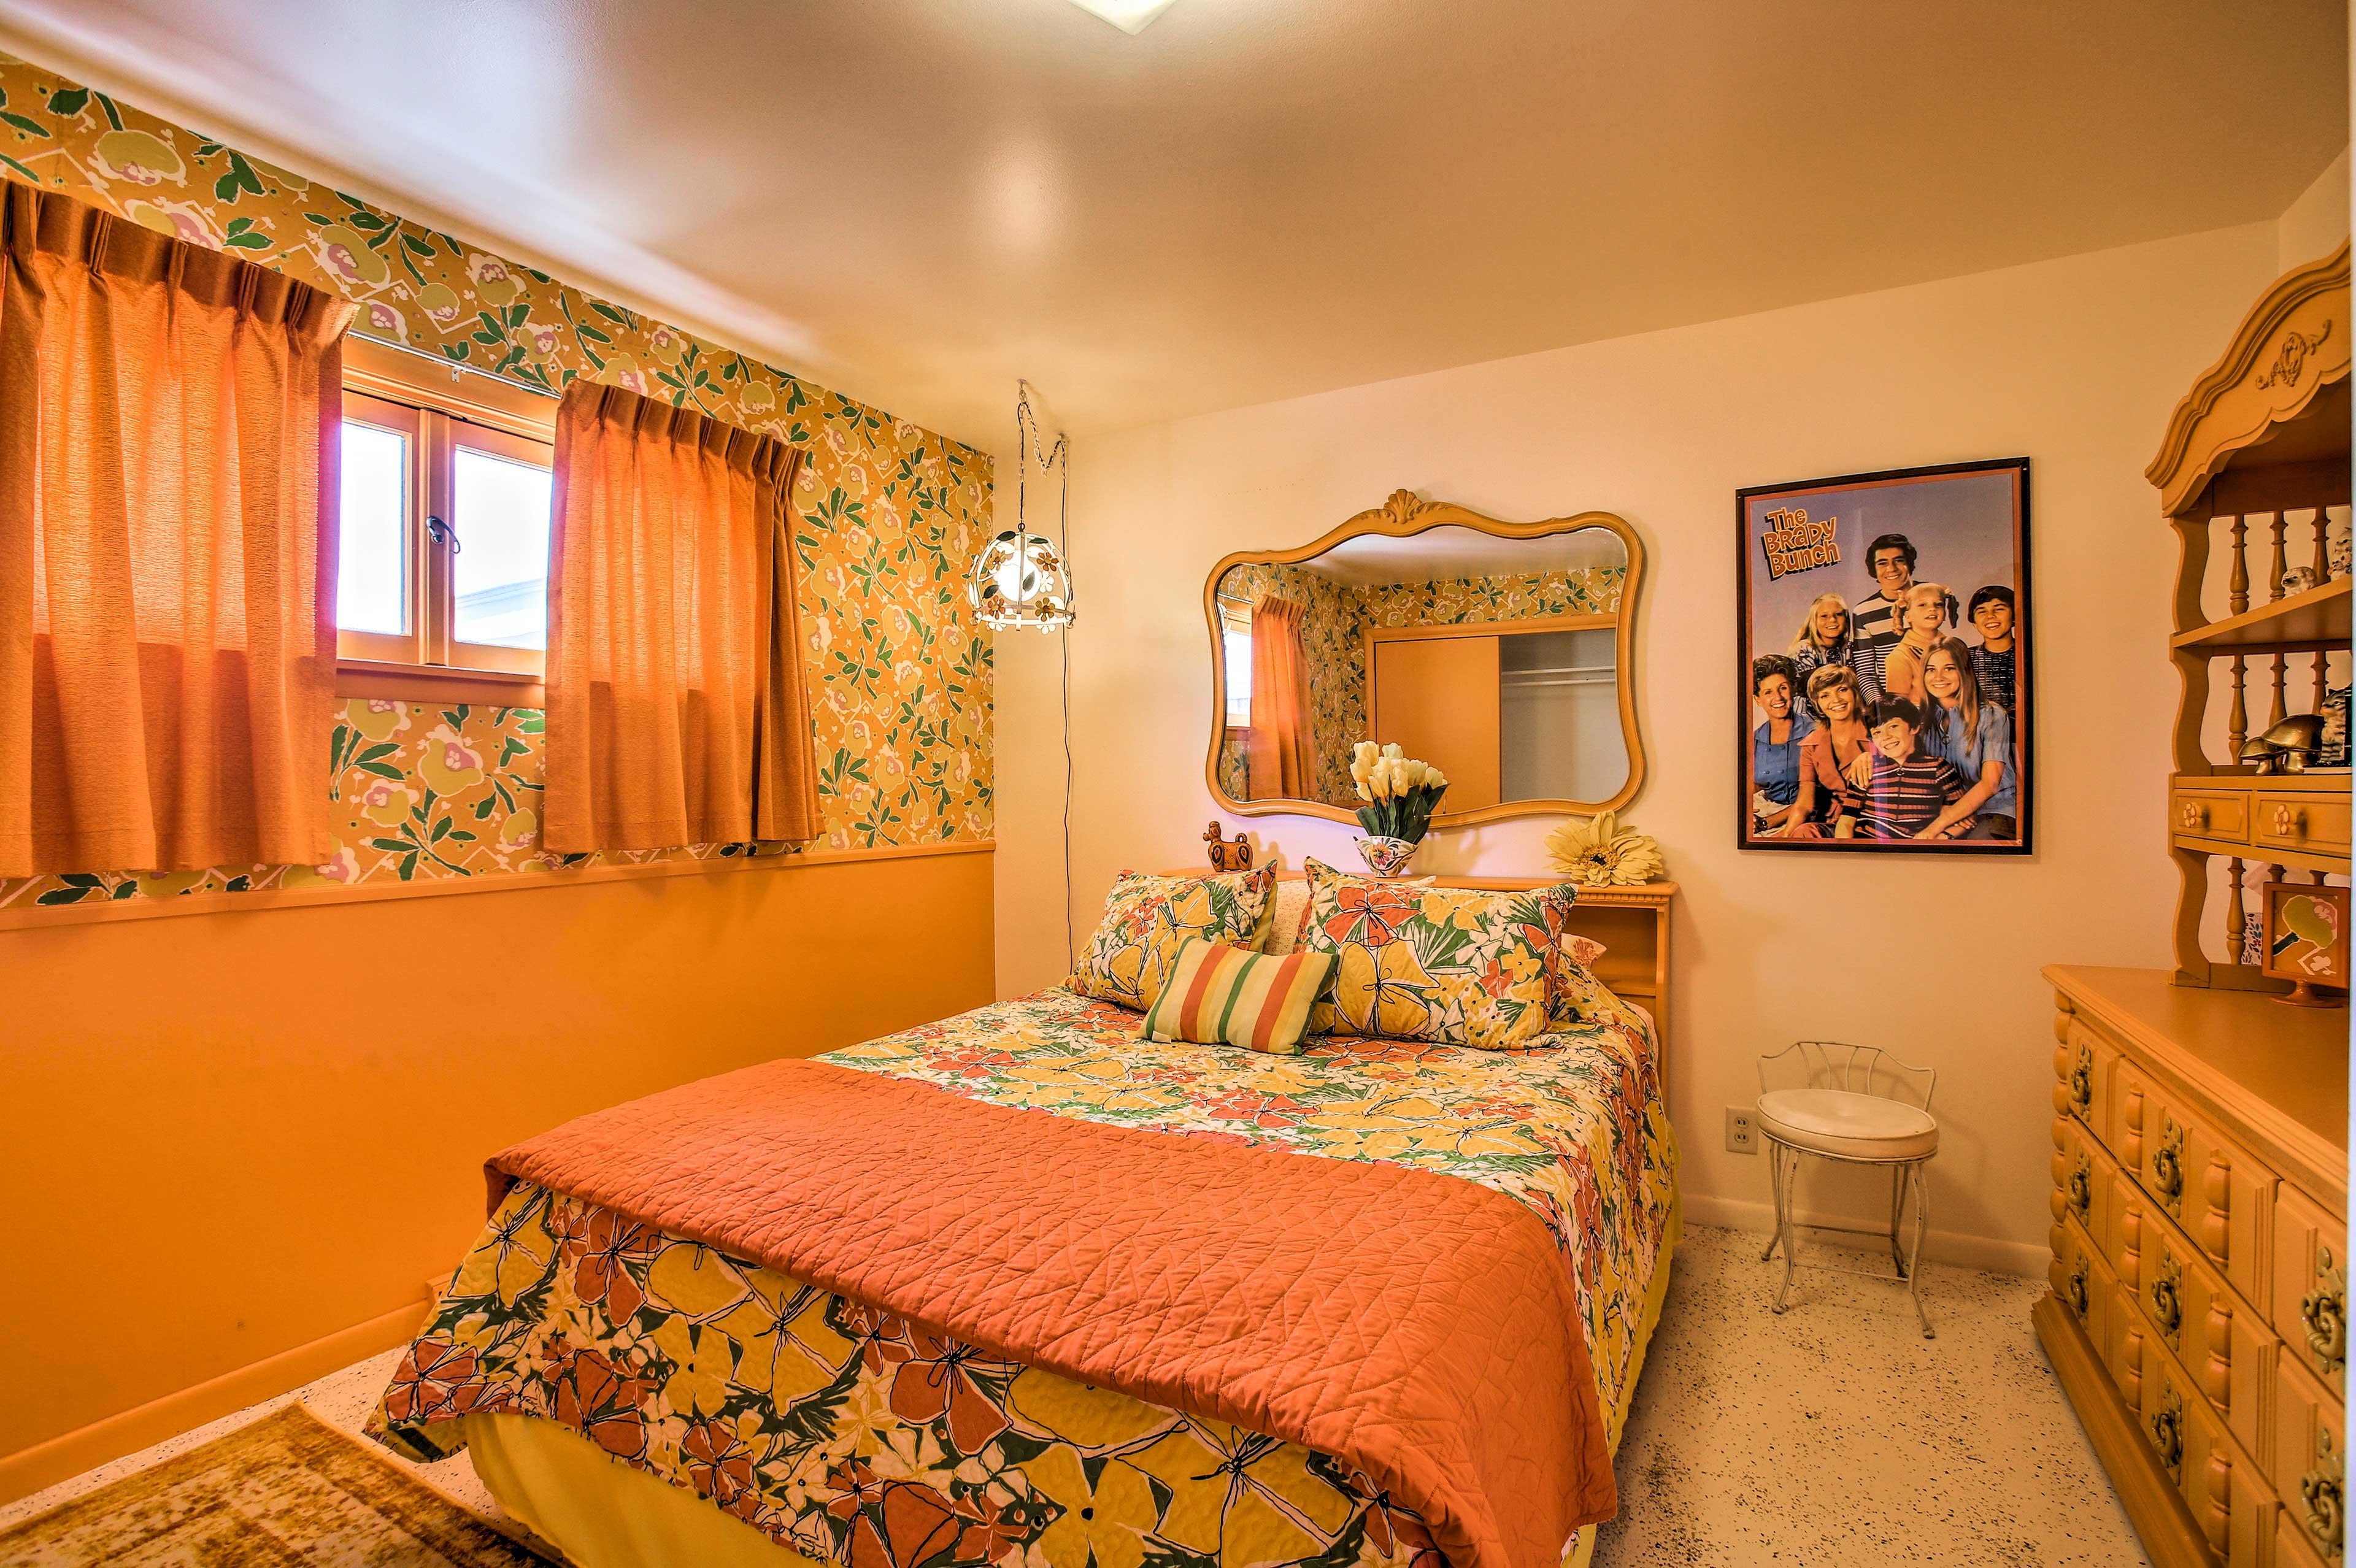 Bedroom 5 | 'The Marsha Brady Room' | Queen Bed